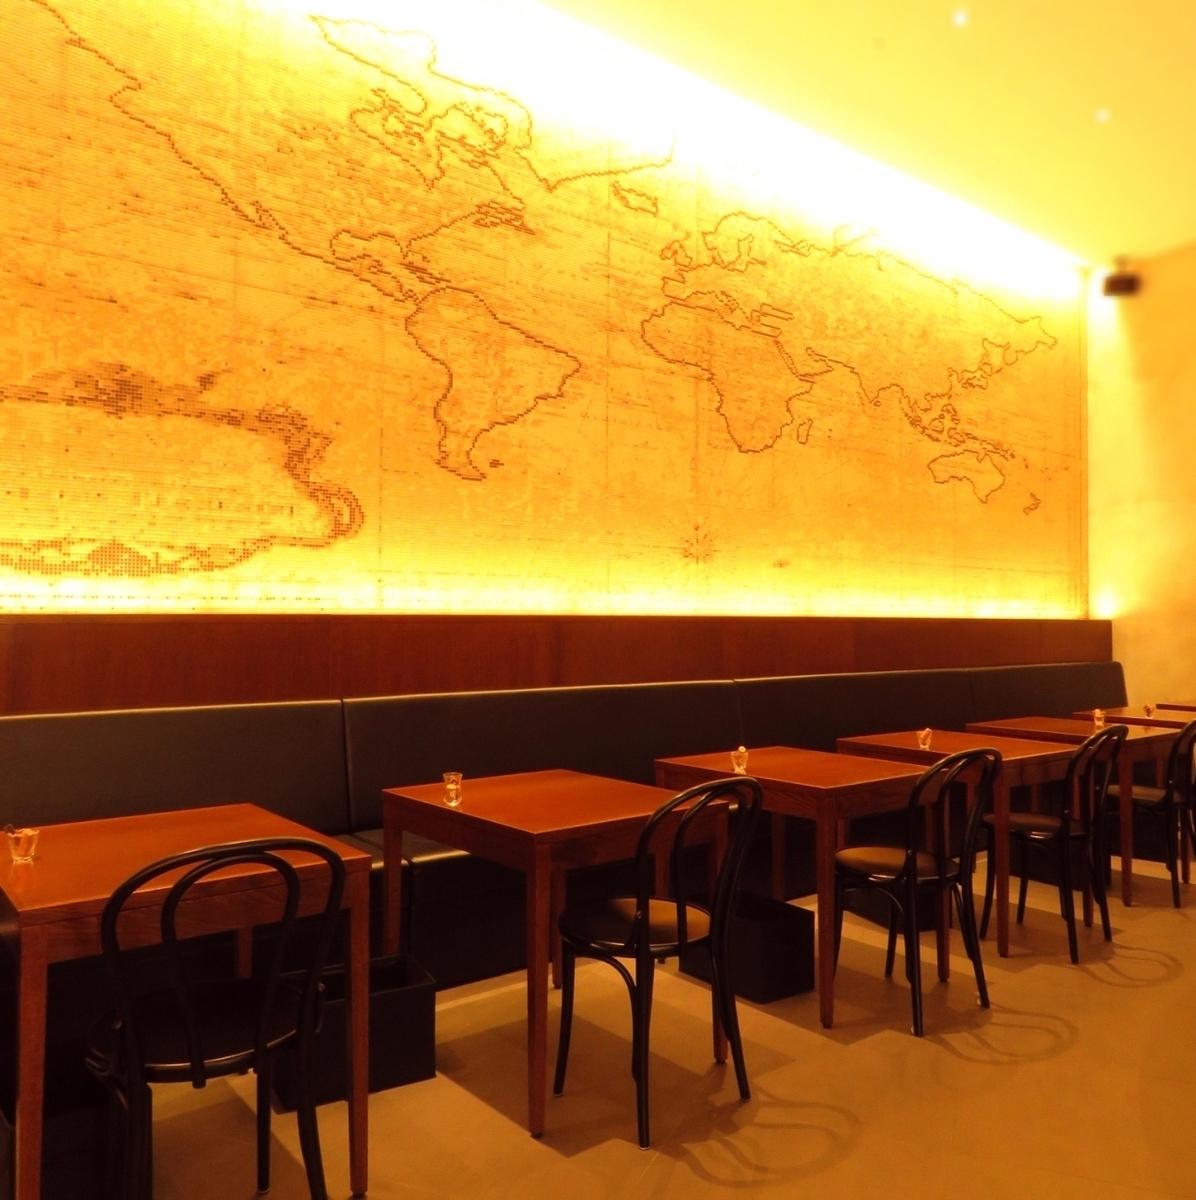 桌椅的馬賽克瓷磚牆令人印象深刻。最多可容納16人連接桌子。